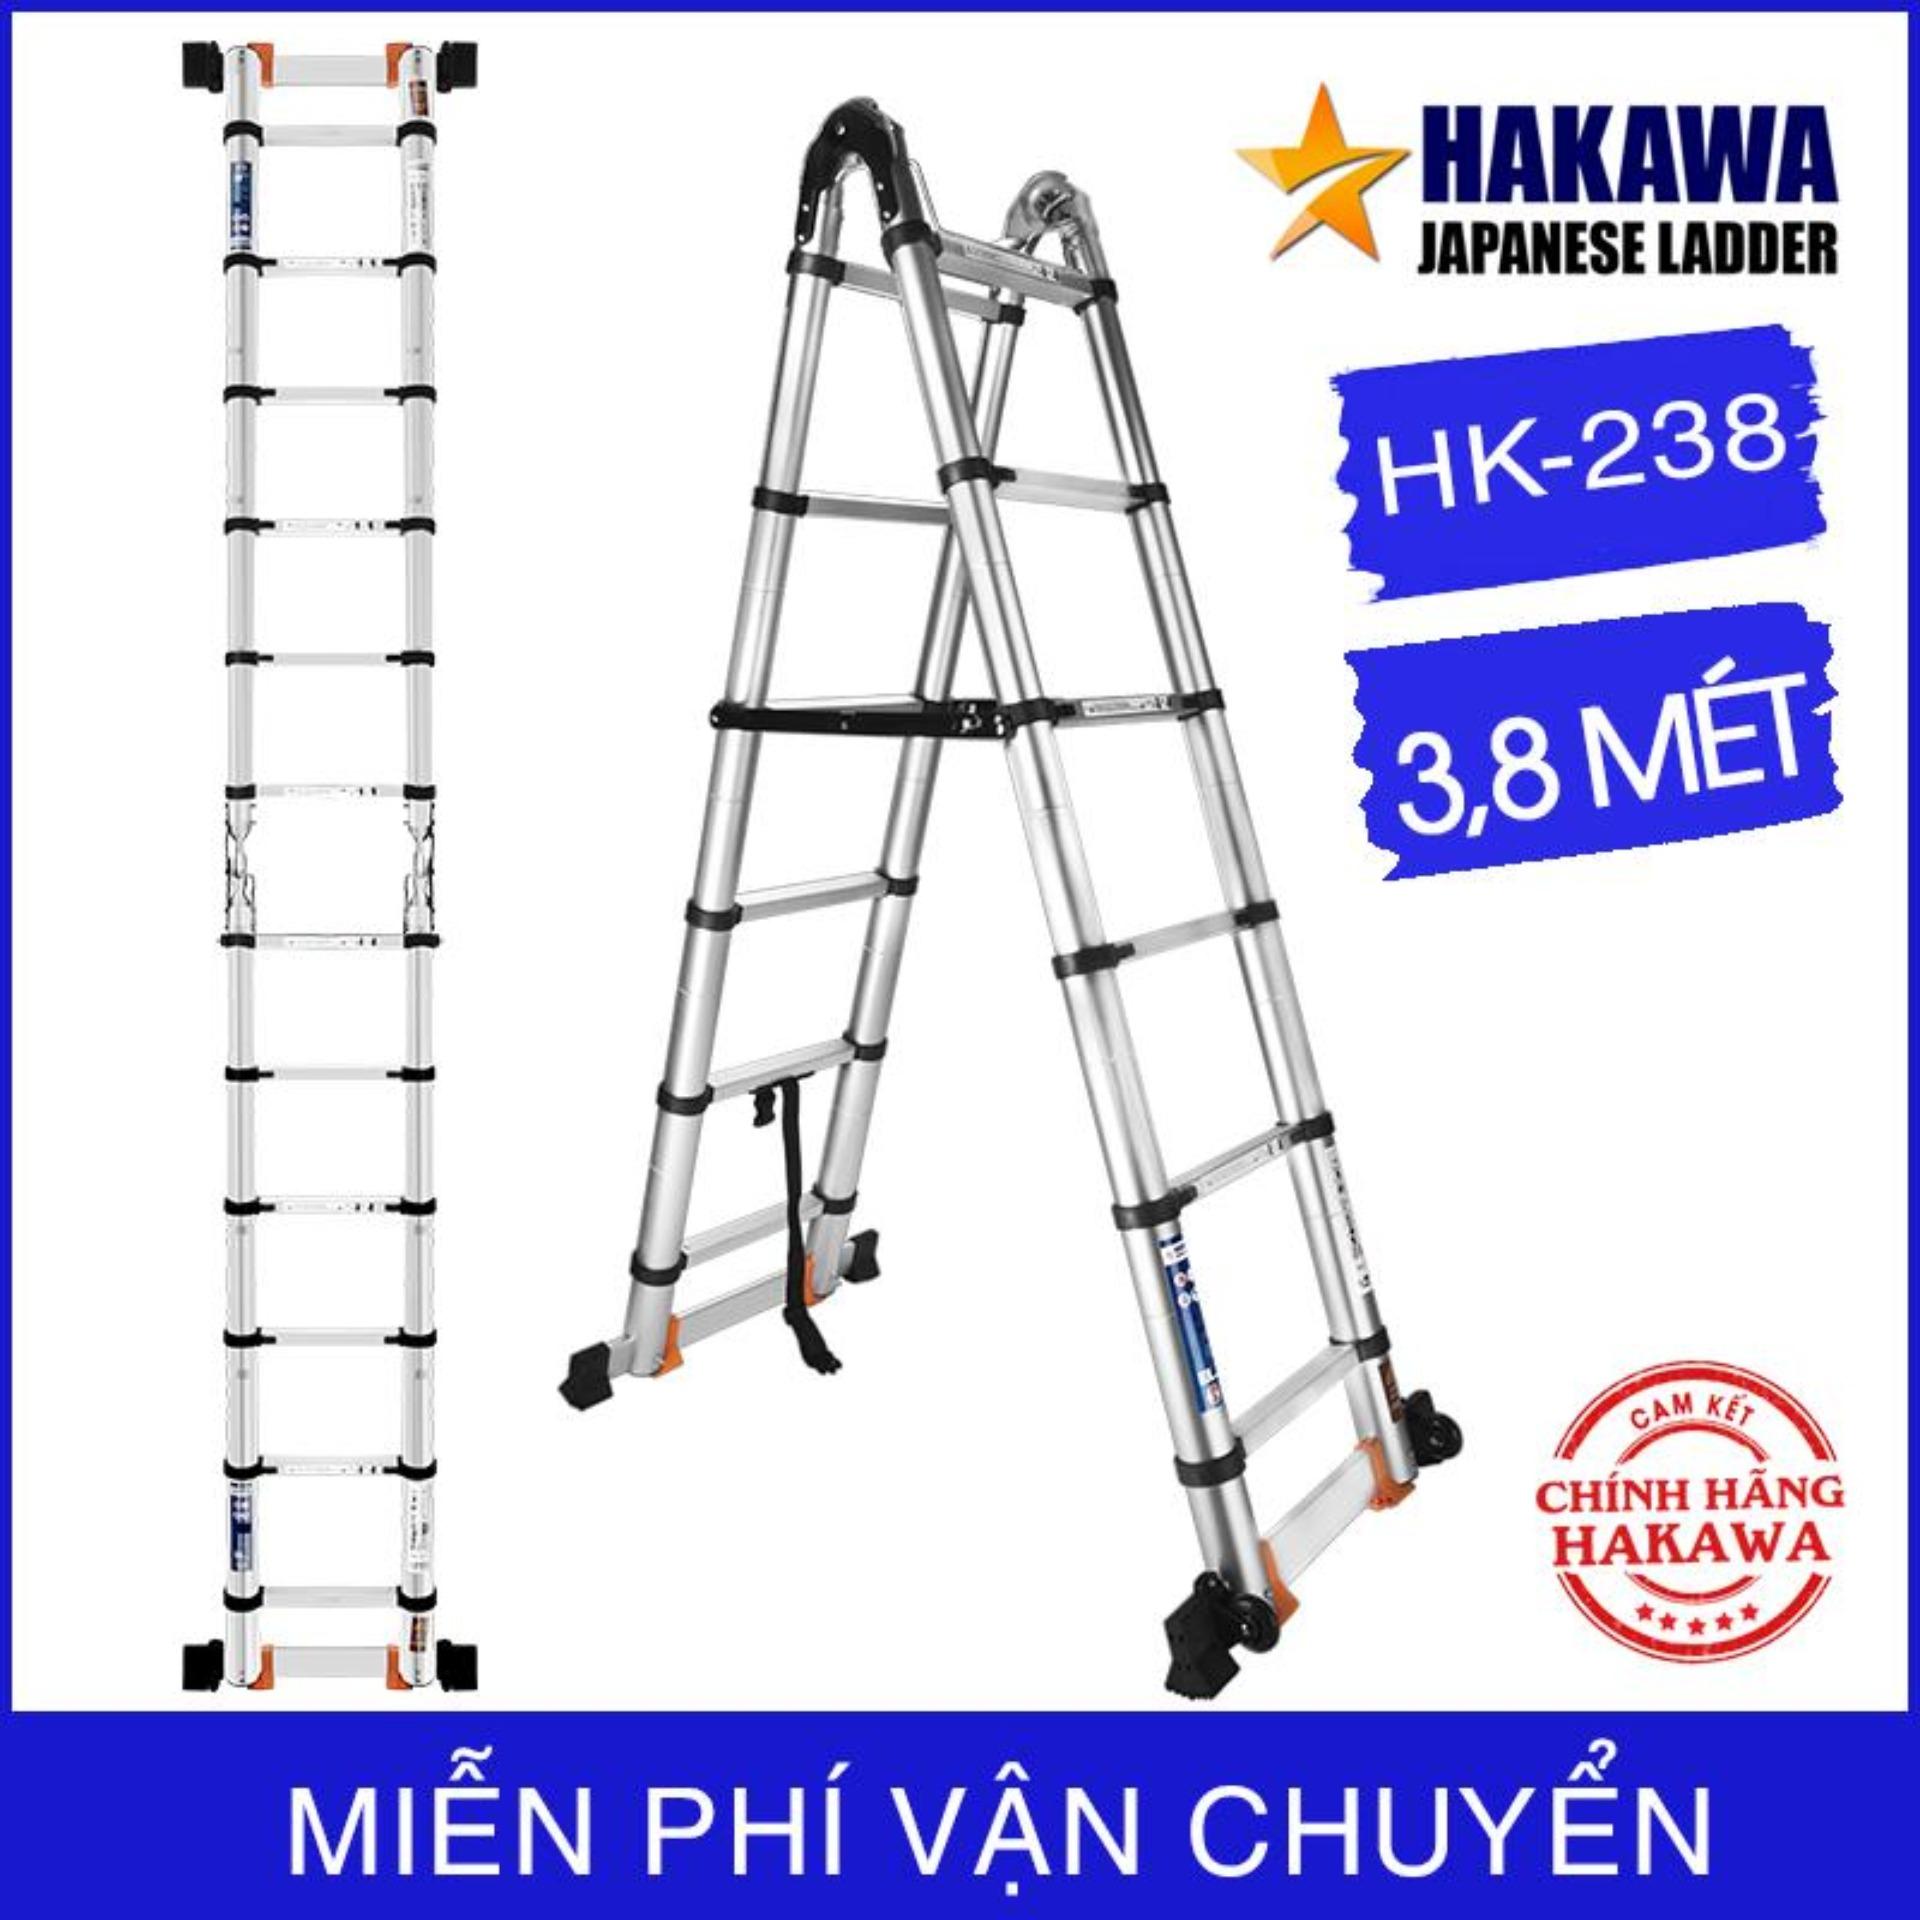 Thang nhôm rút chữ A Cao cấp 2019 ( 3m8 ) - HAKAWA - Thang nhôm chuyên dụng cho thợ rèm - Bảo hành 2 năm - Đổi trả trong vòng 30 ngày